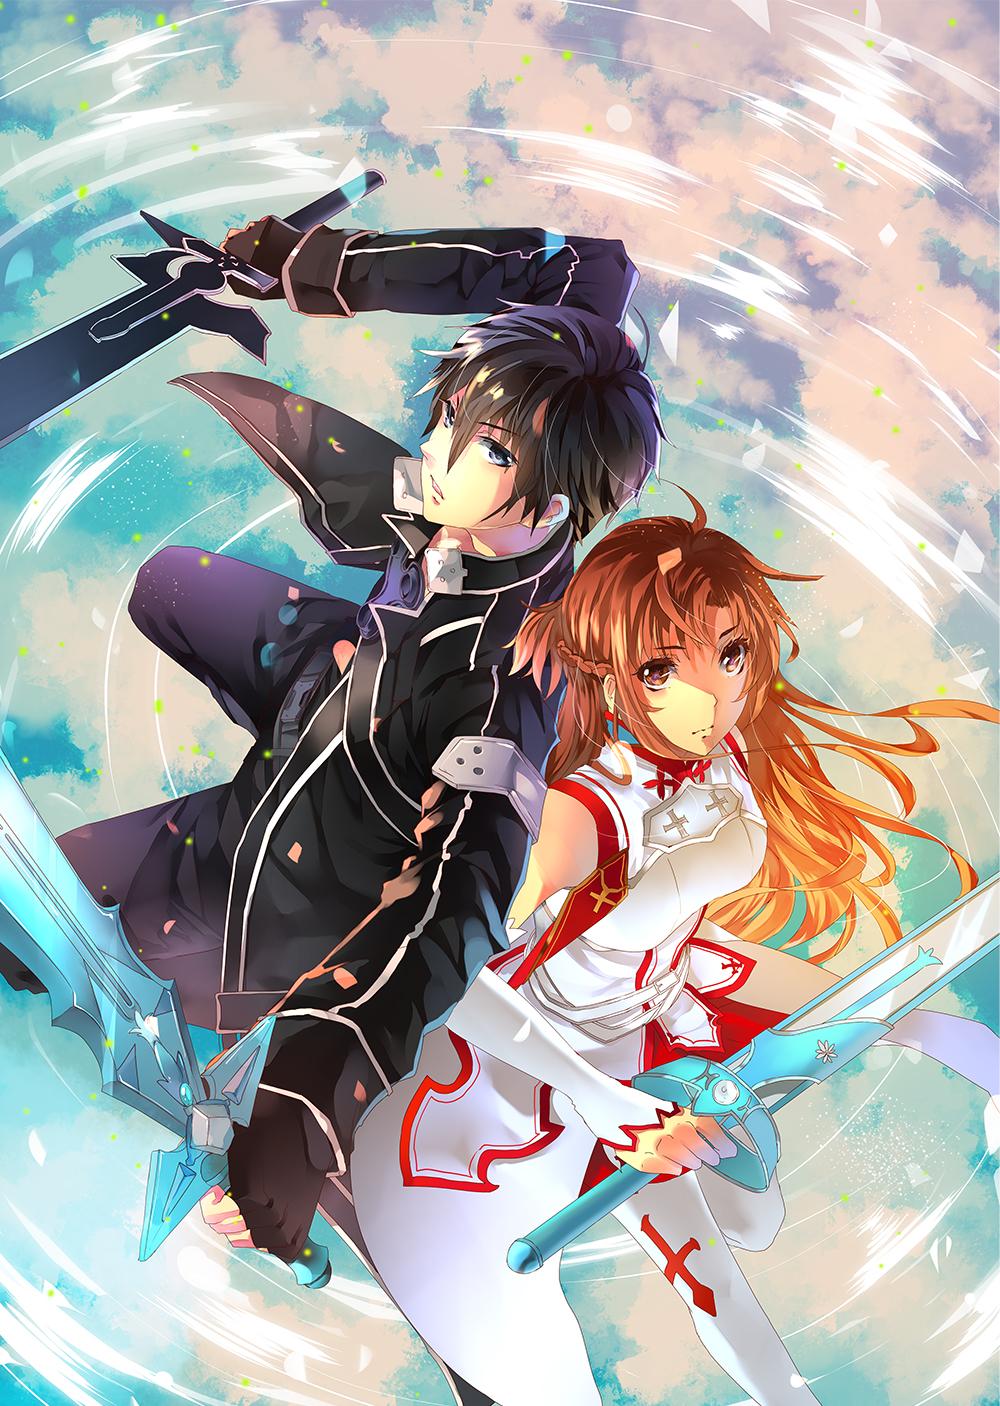 Sword Art Online fanart by aiki-ame